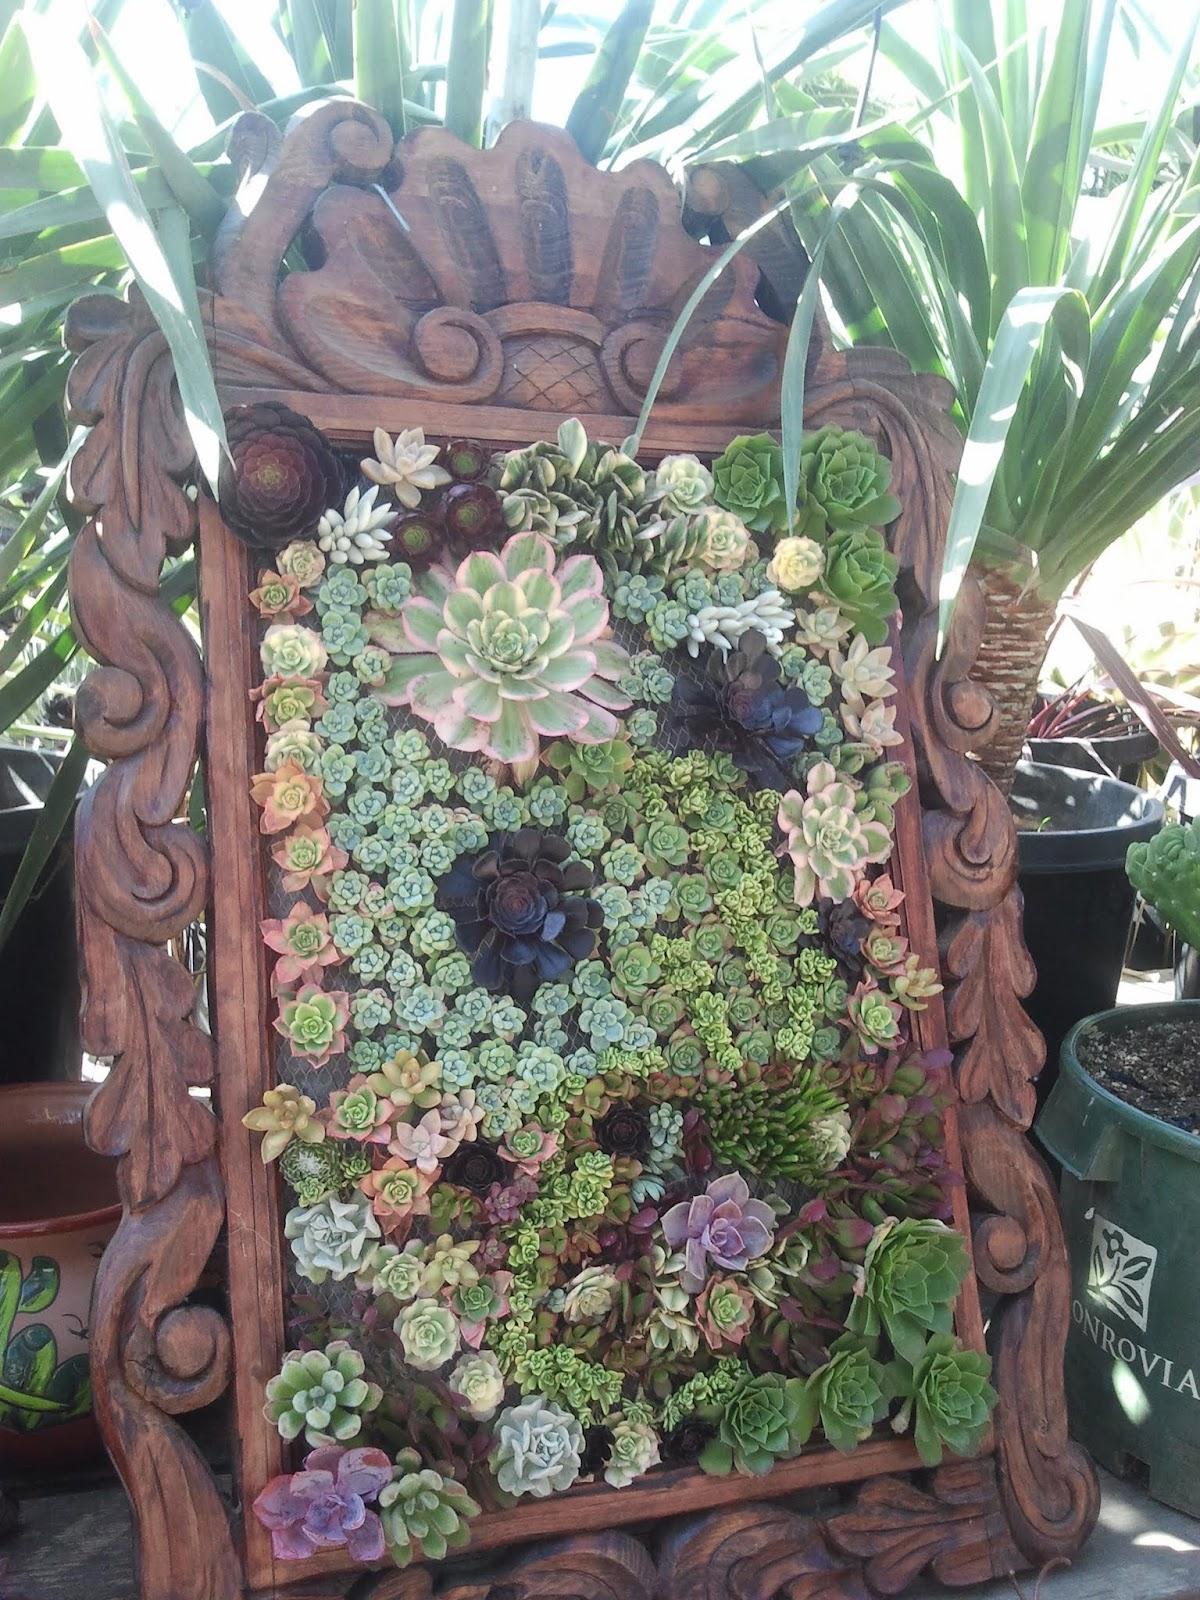 Living Wall Art Succulent Garden Design Ideas Modern